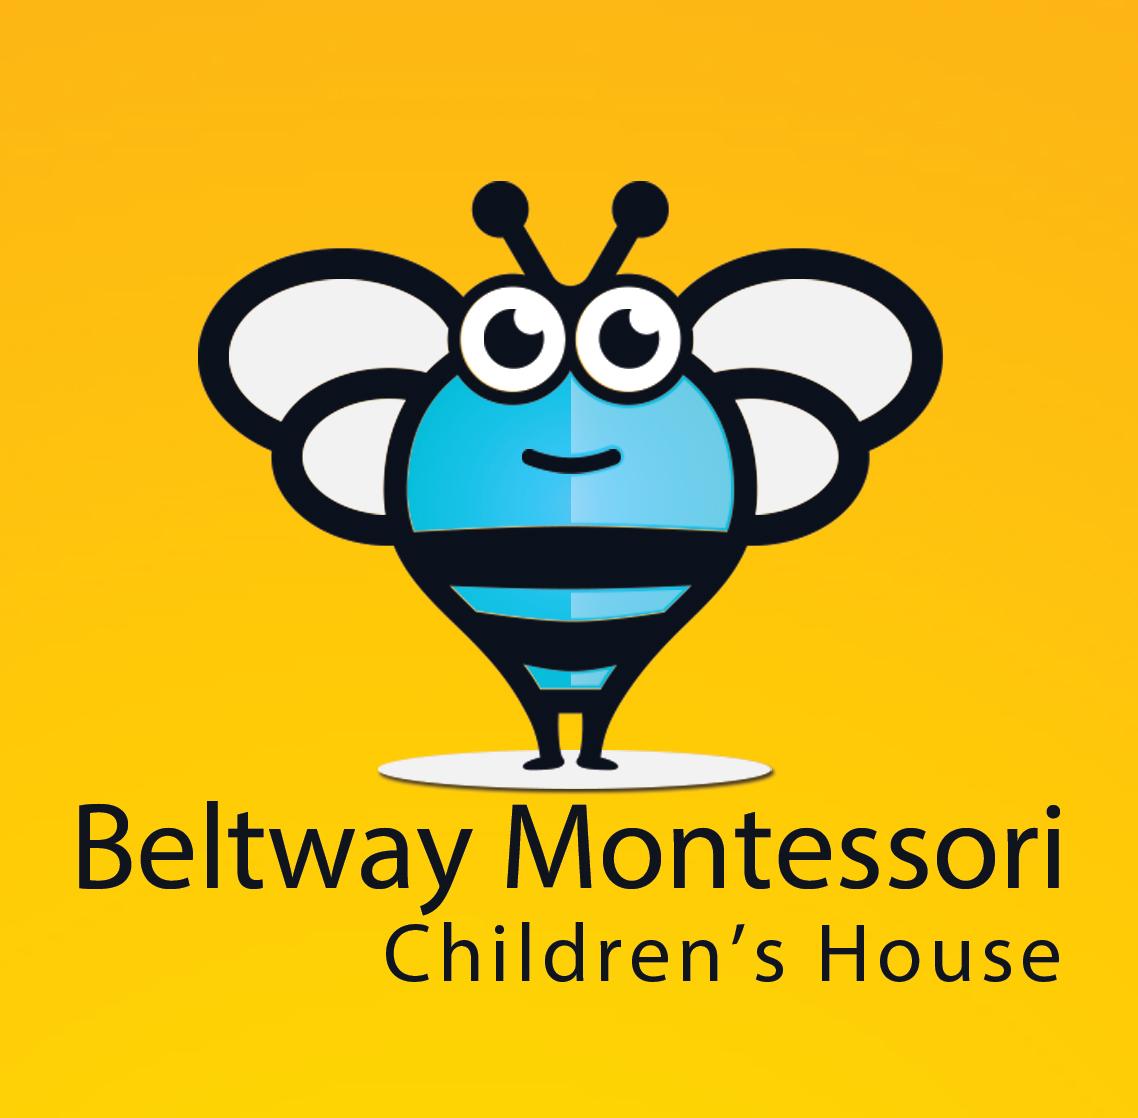 Beltway Montessori Children's House